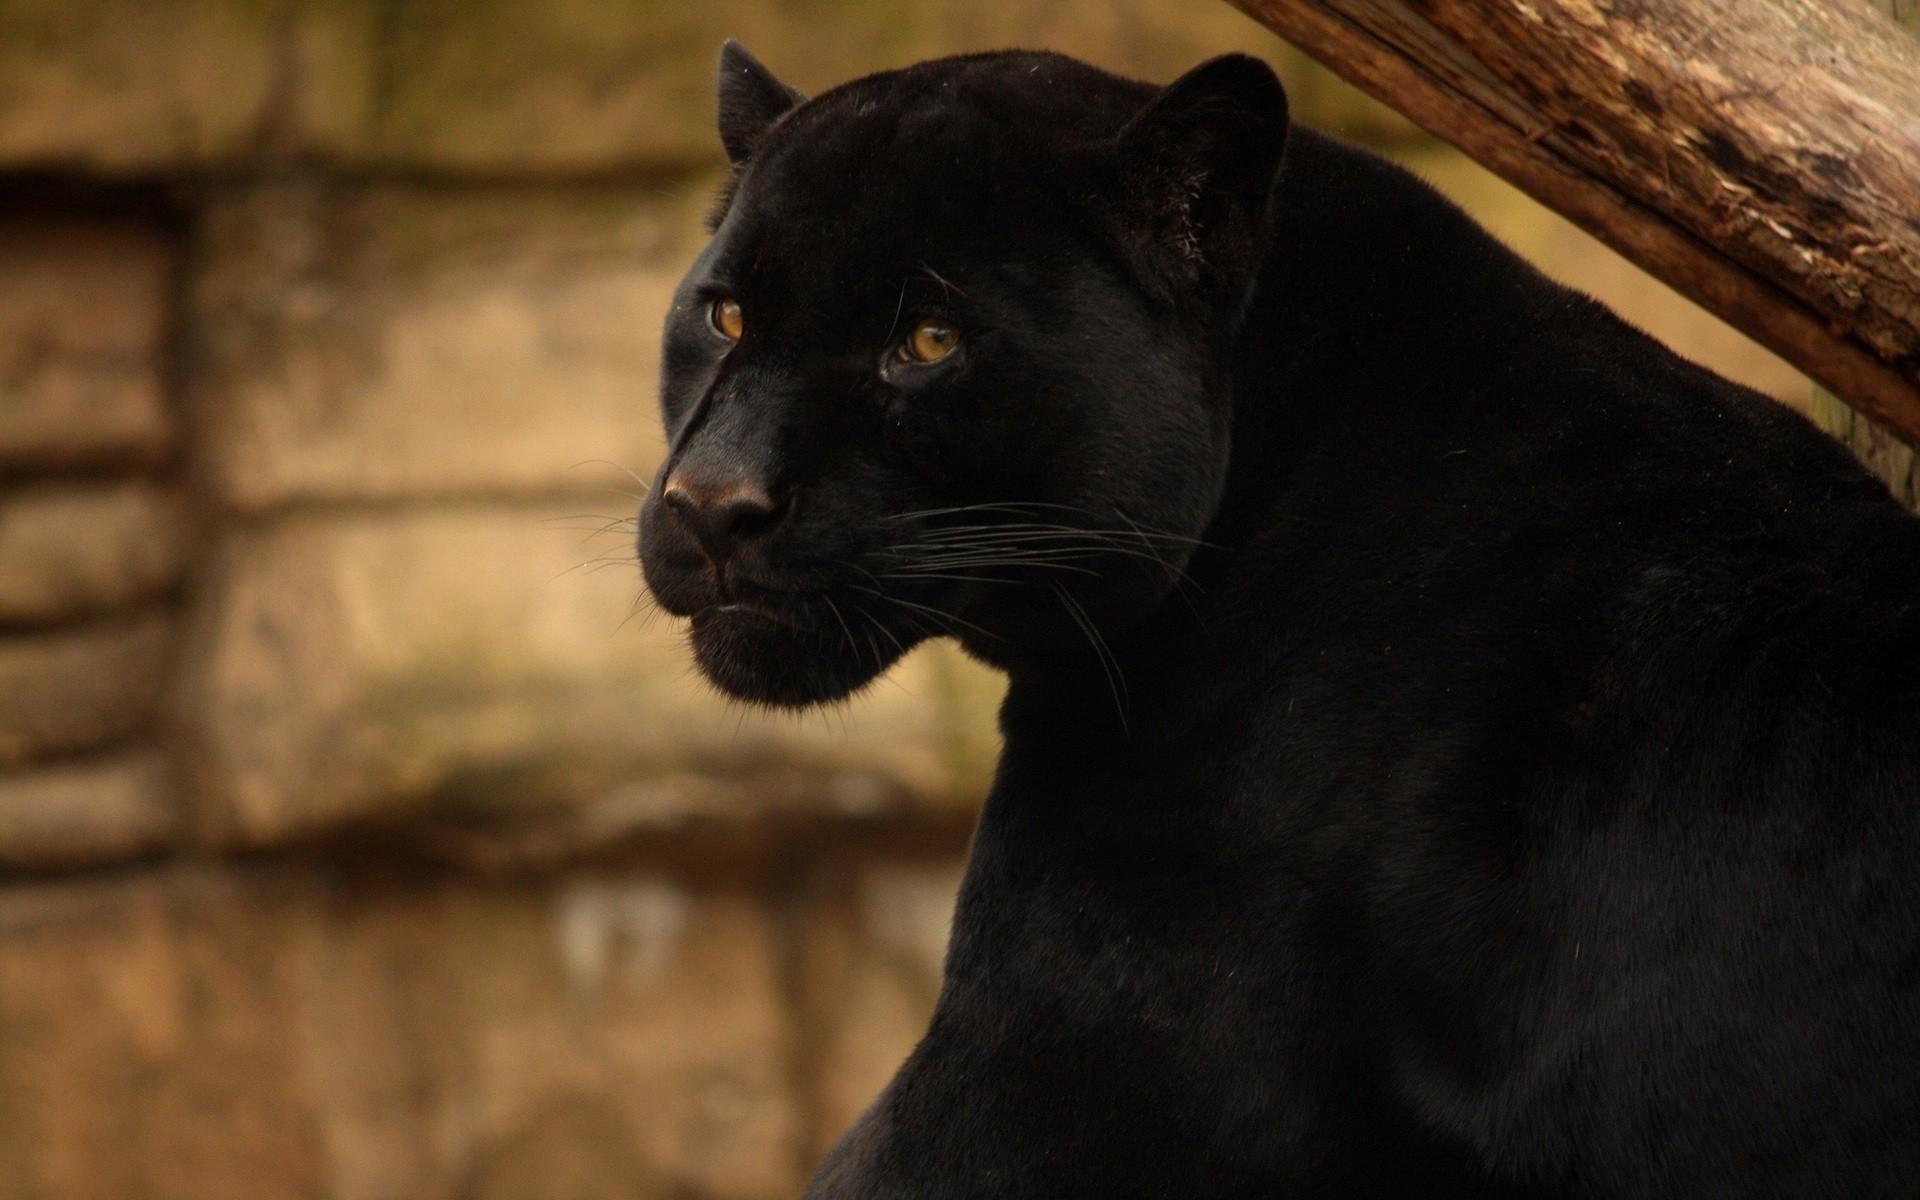 картинки с изображением черной пантеры люди по-настоящему